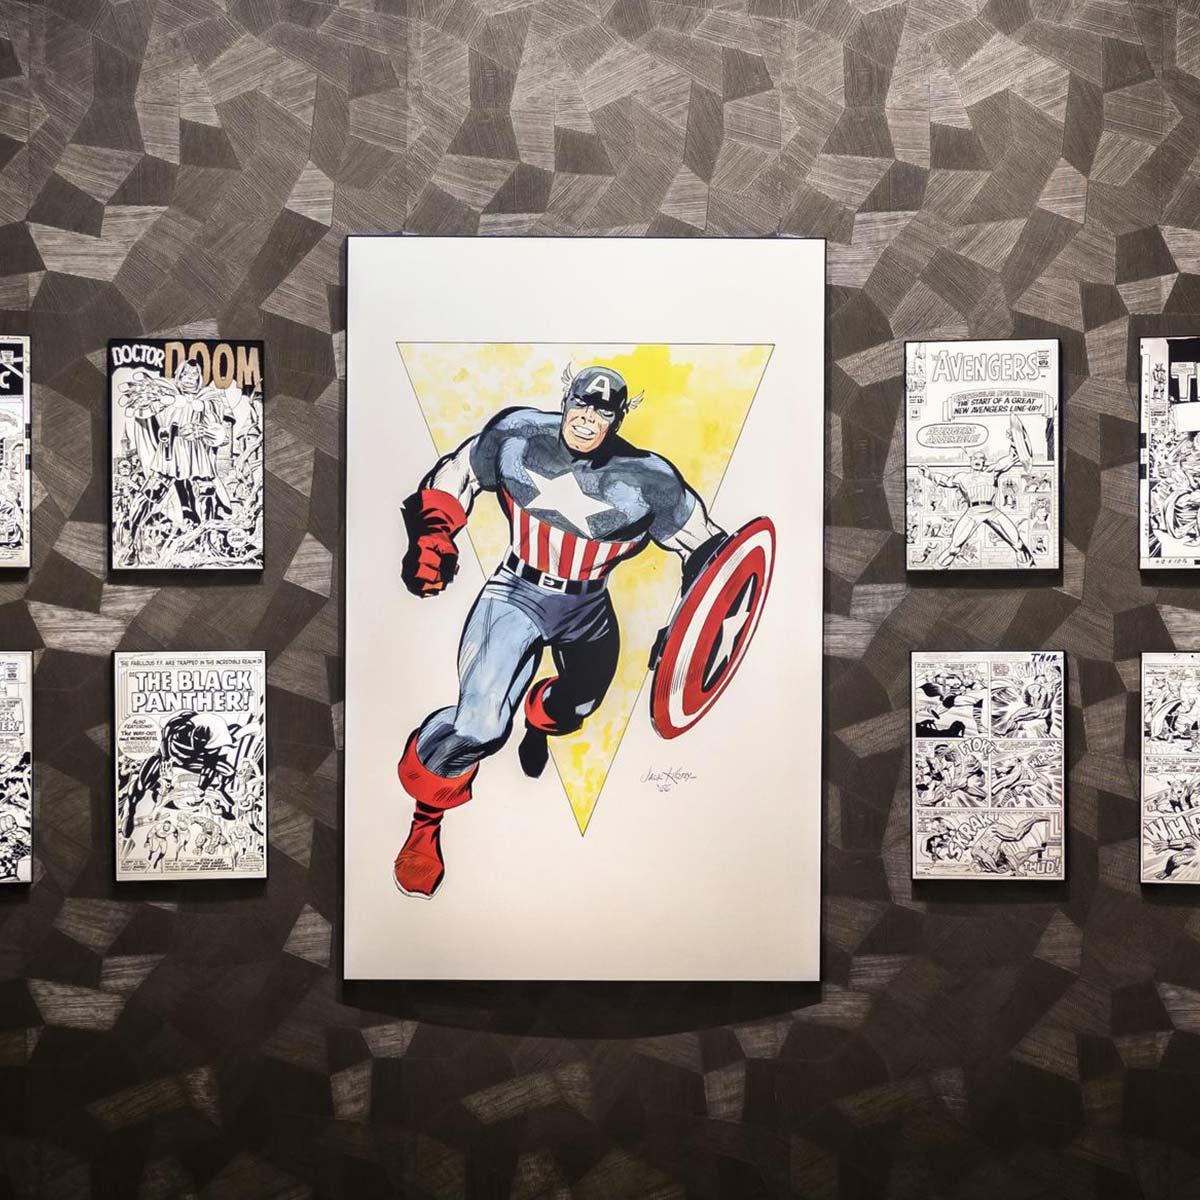 Opere d'arte ispirate ai Supereroi ad ogni angolo